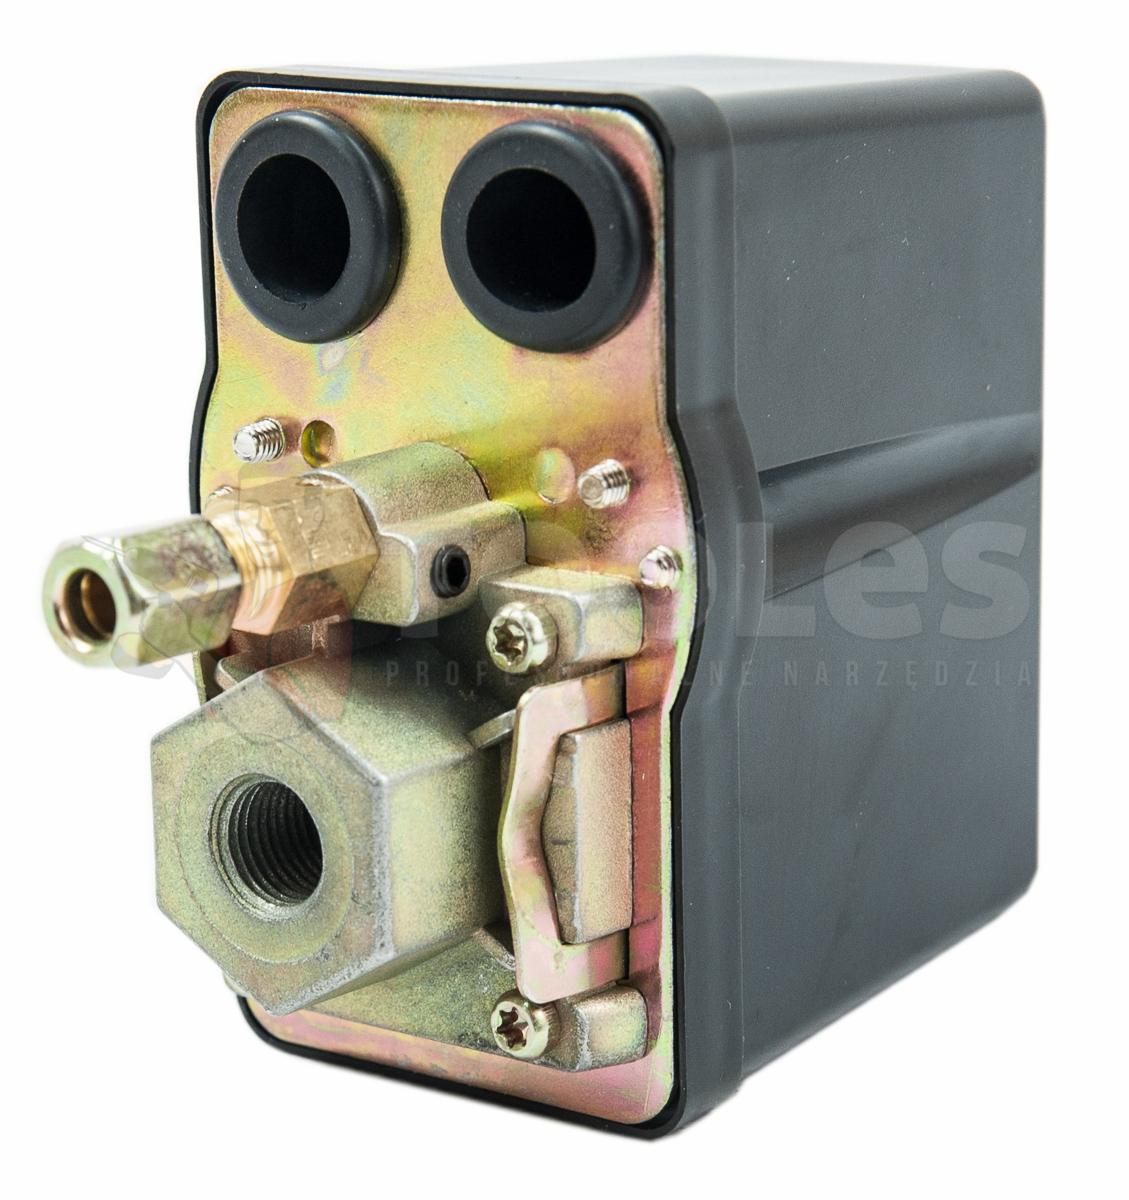 Image of Presostat wyłącznik ciśnieniowy do kompresora 400v 12bar (bez manometru) geko